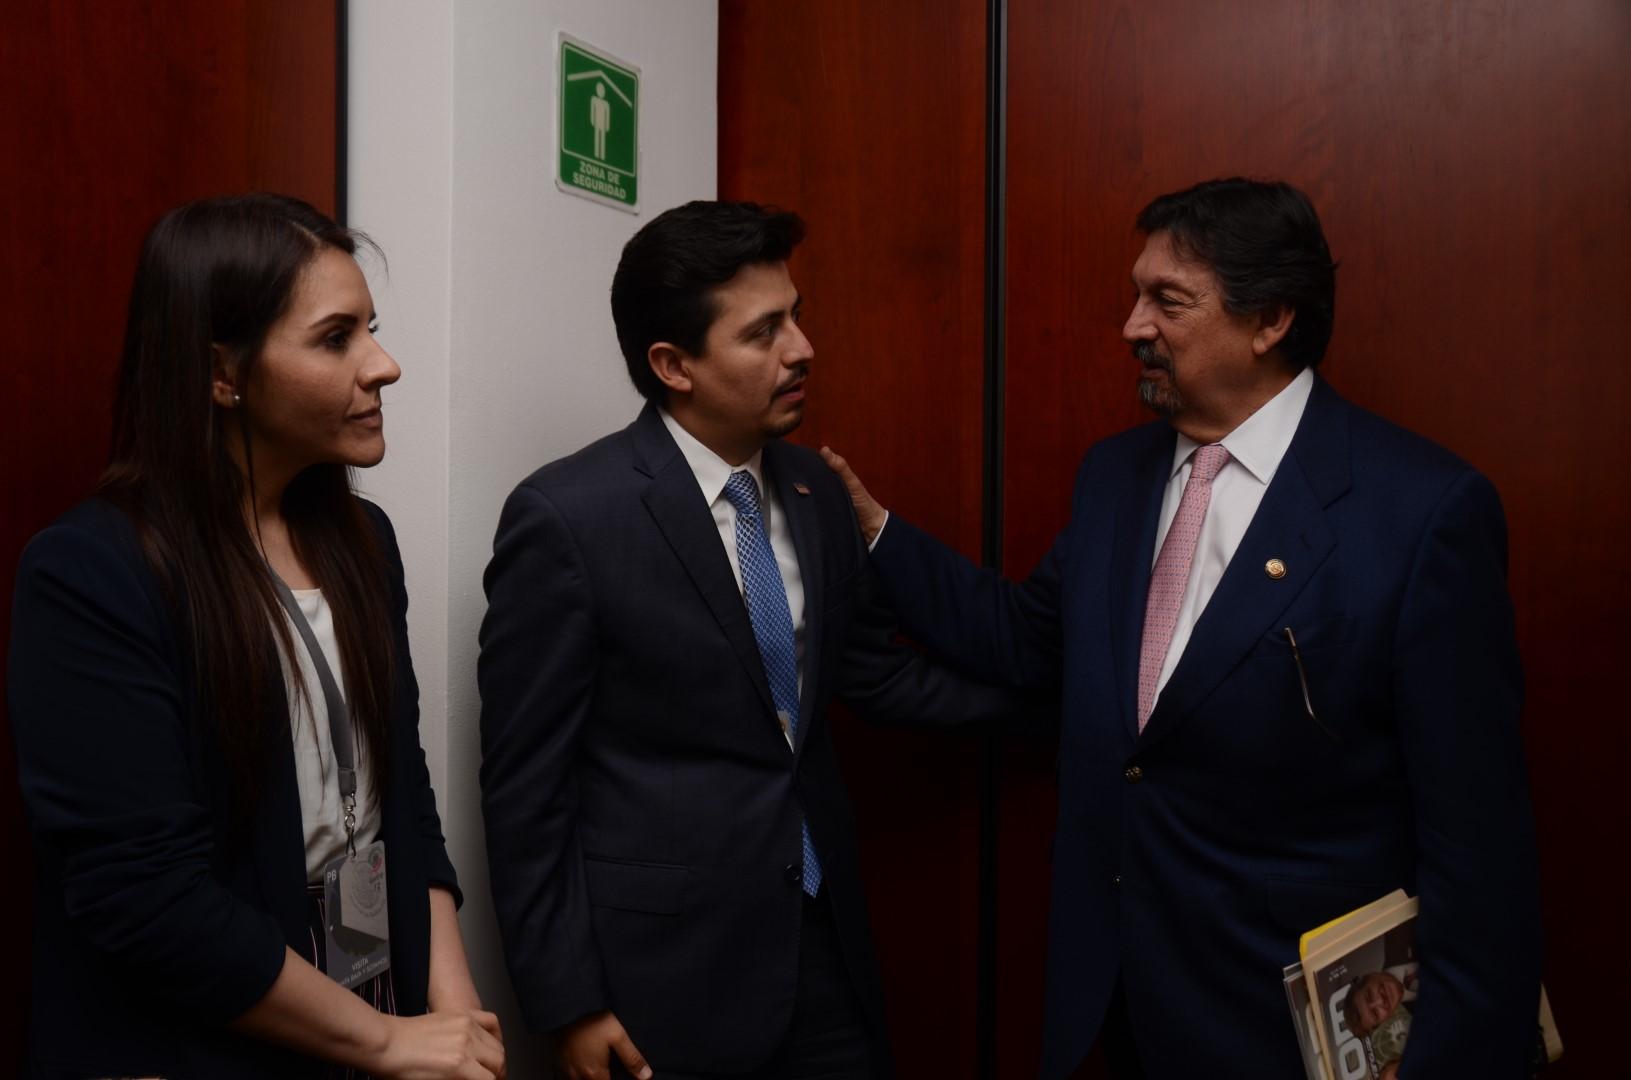 Reunión Senador Napoleón Gómez Urrutia